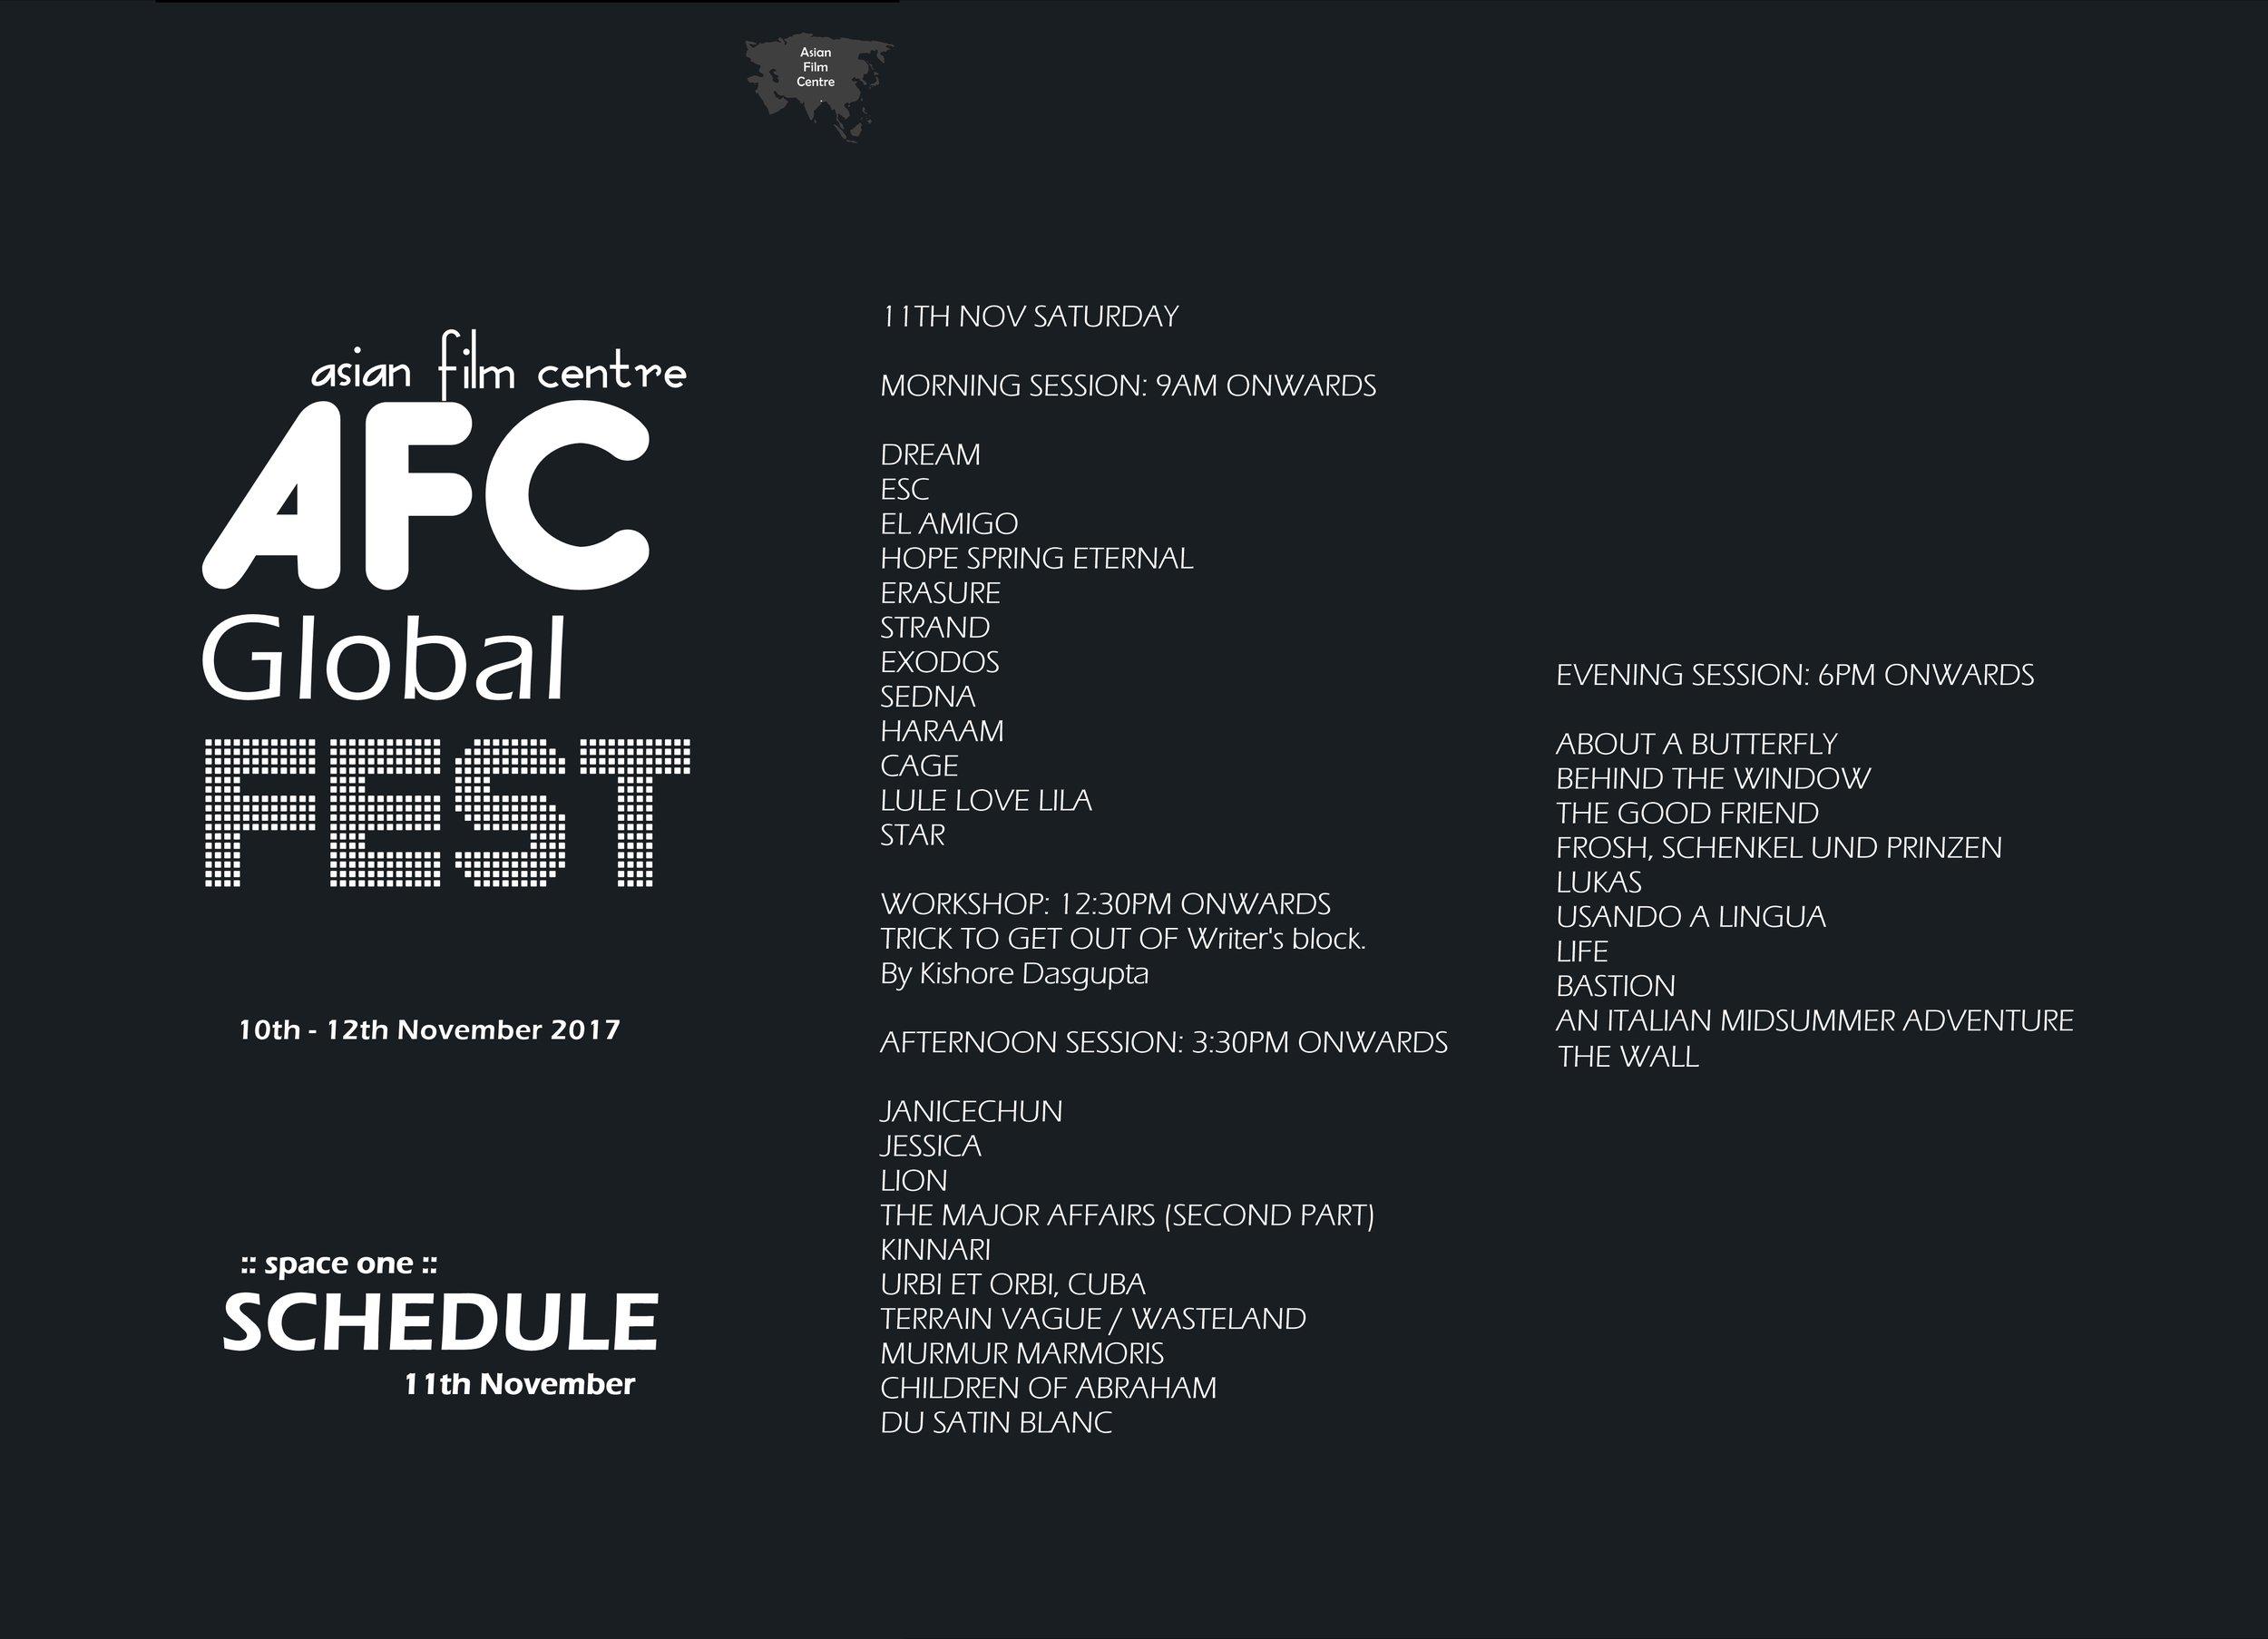 AFC-Global-Fest-SChedule-11th-Nov_ONE.jpg